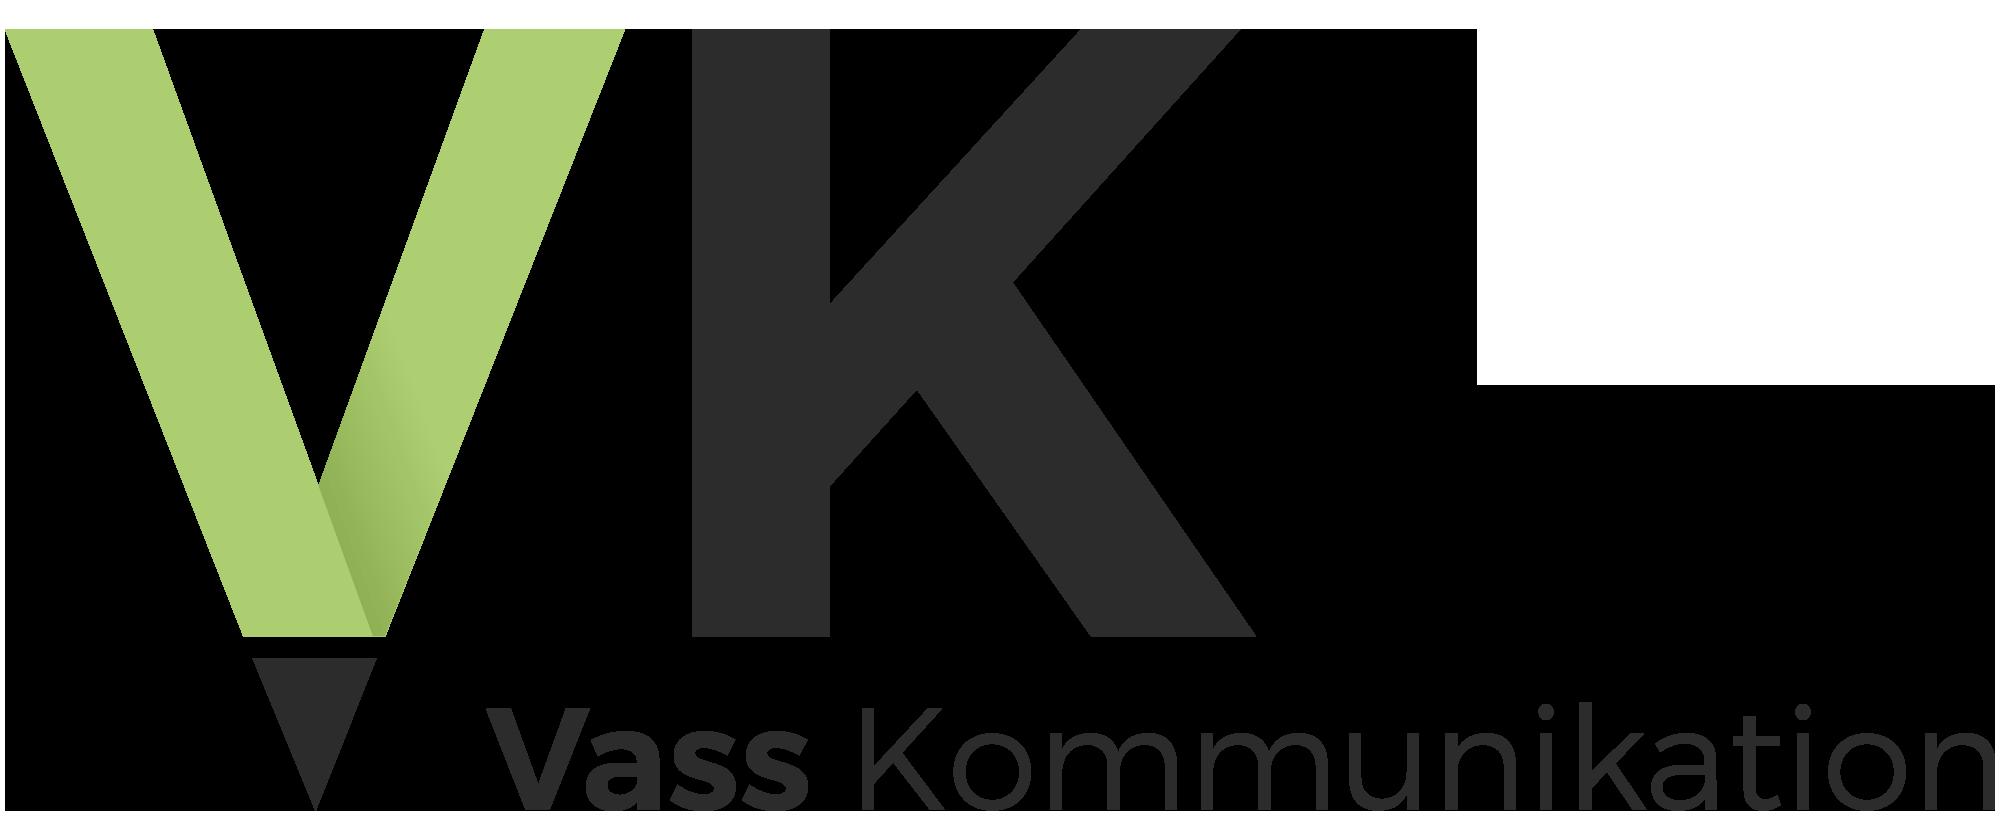 vk_logo_hi-res.png